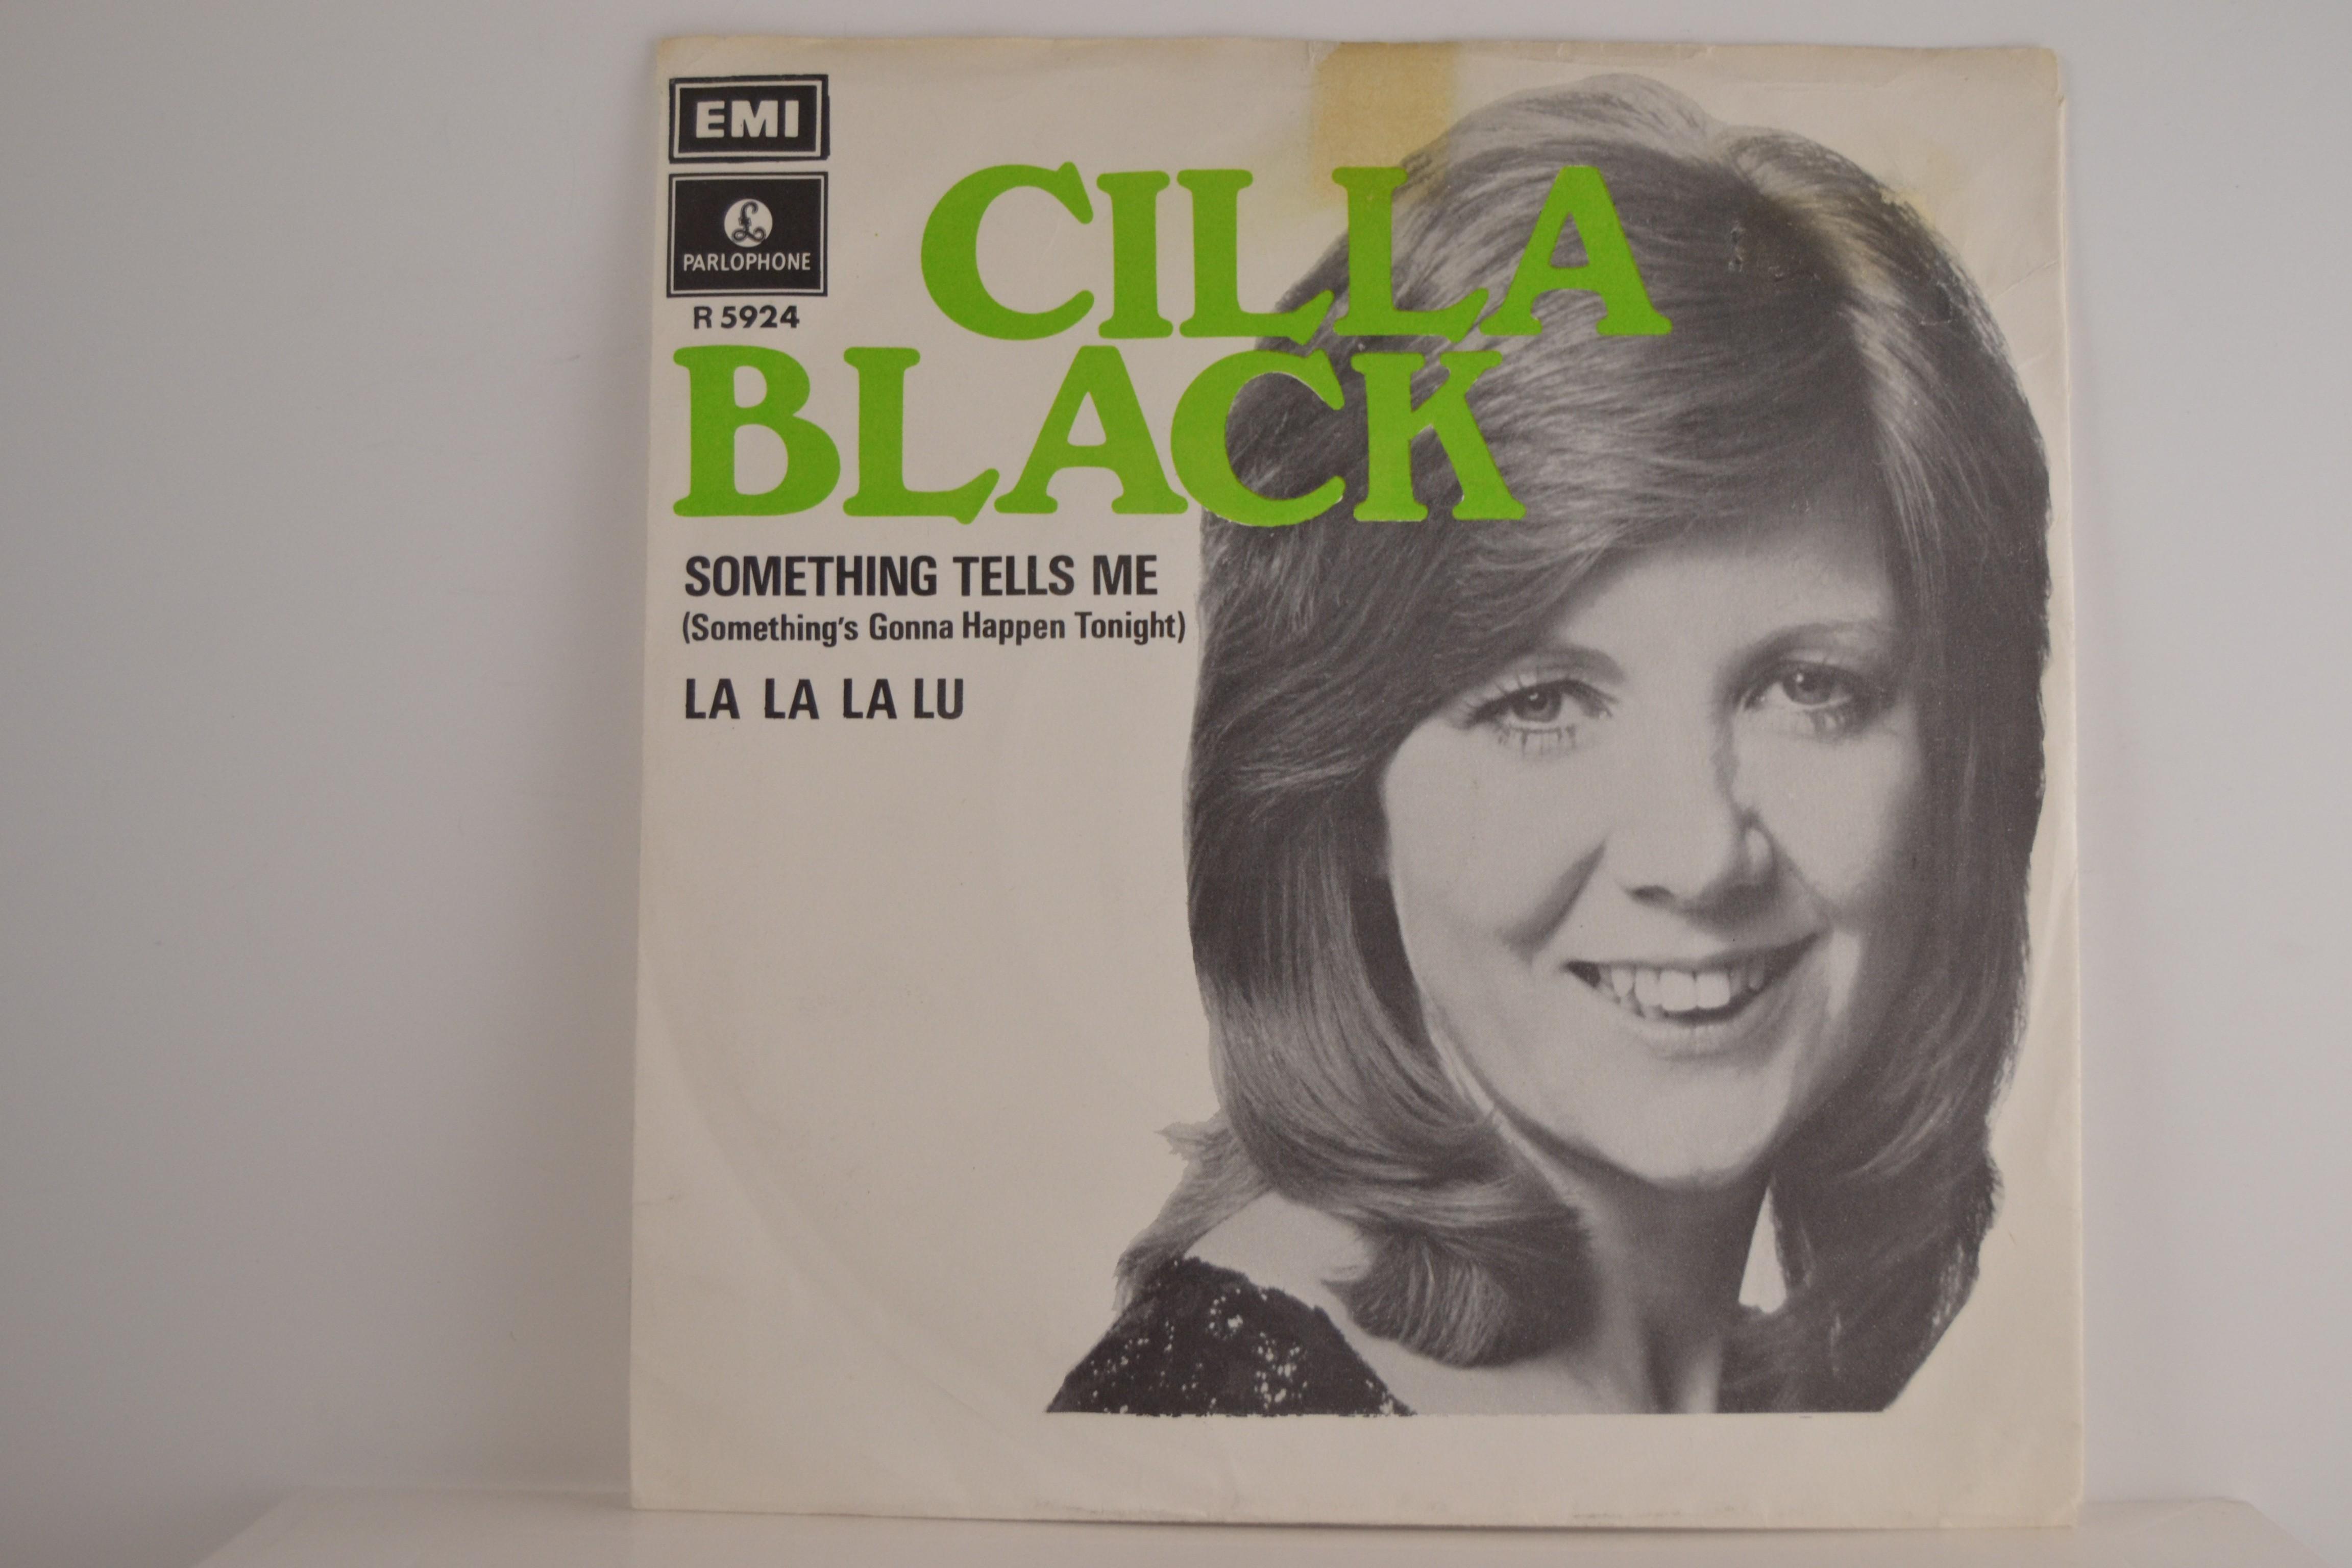 CILLA BLACK : Something tells me / La la la lu